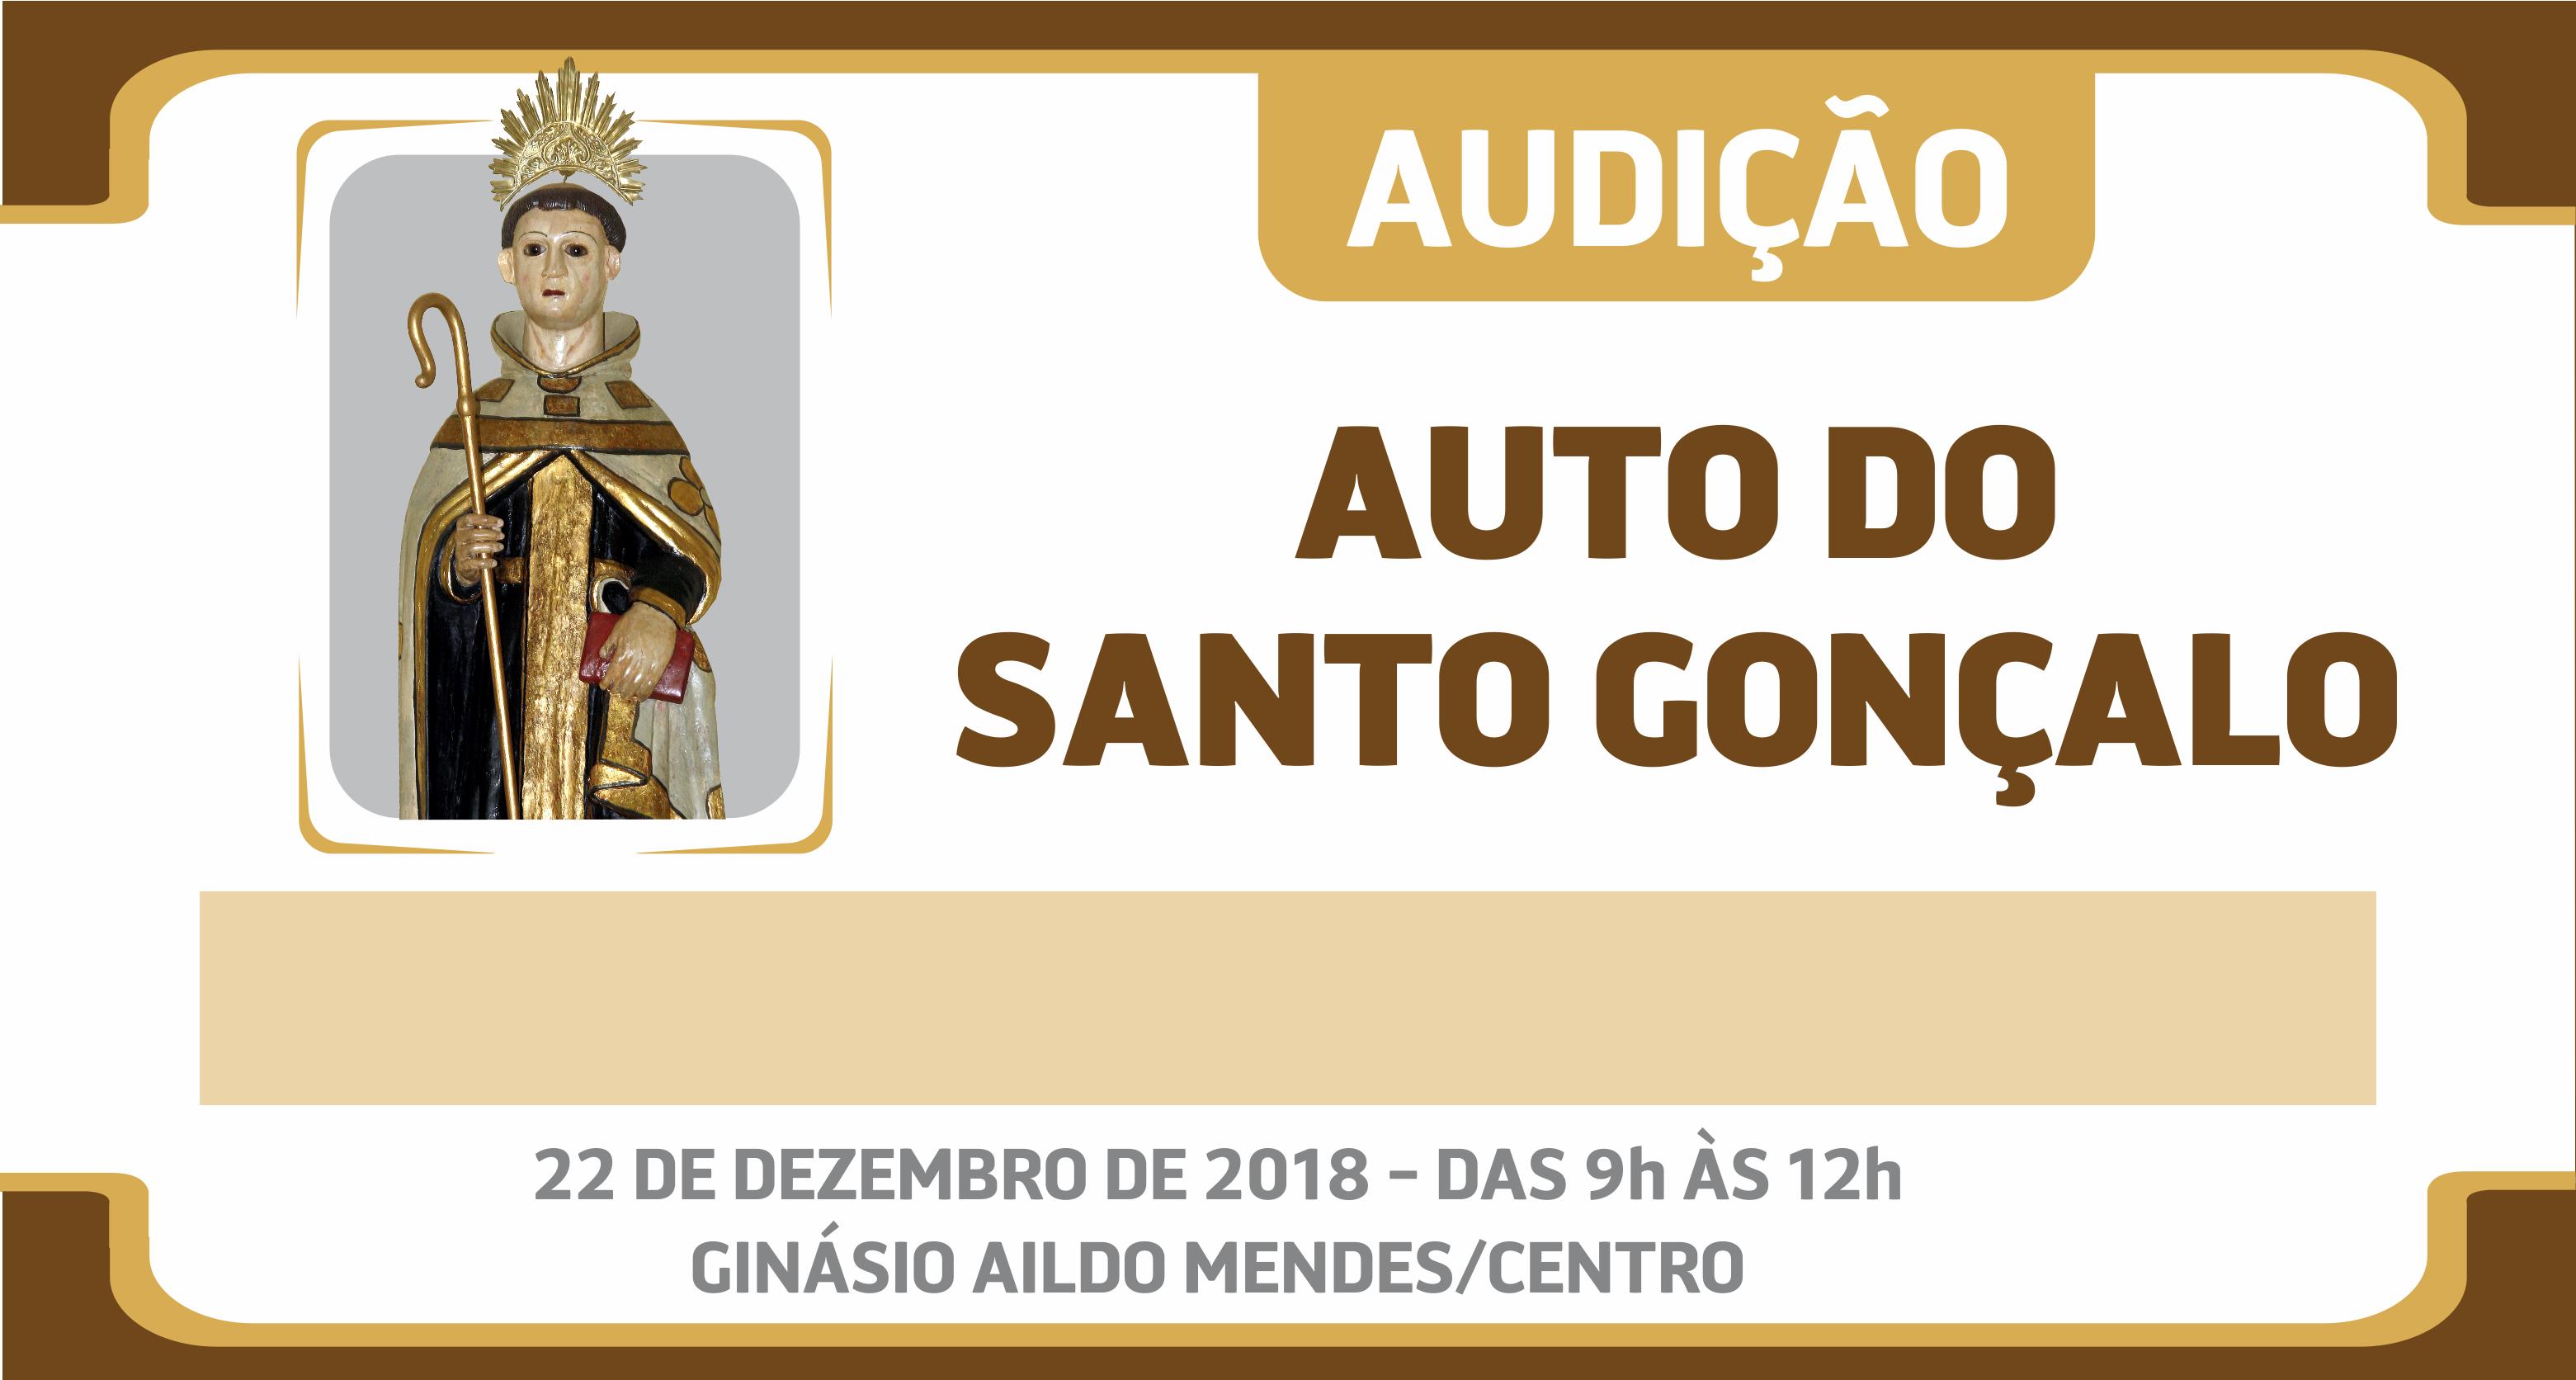 Cultura: Auto do Santo Gonçalo inicia audições no próximo sábado (22)